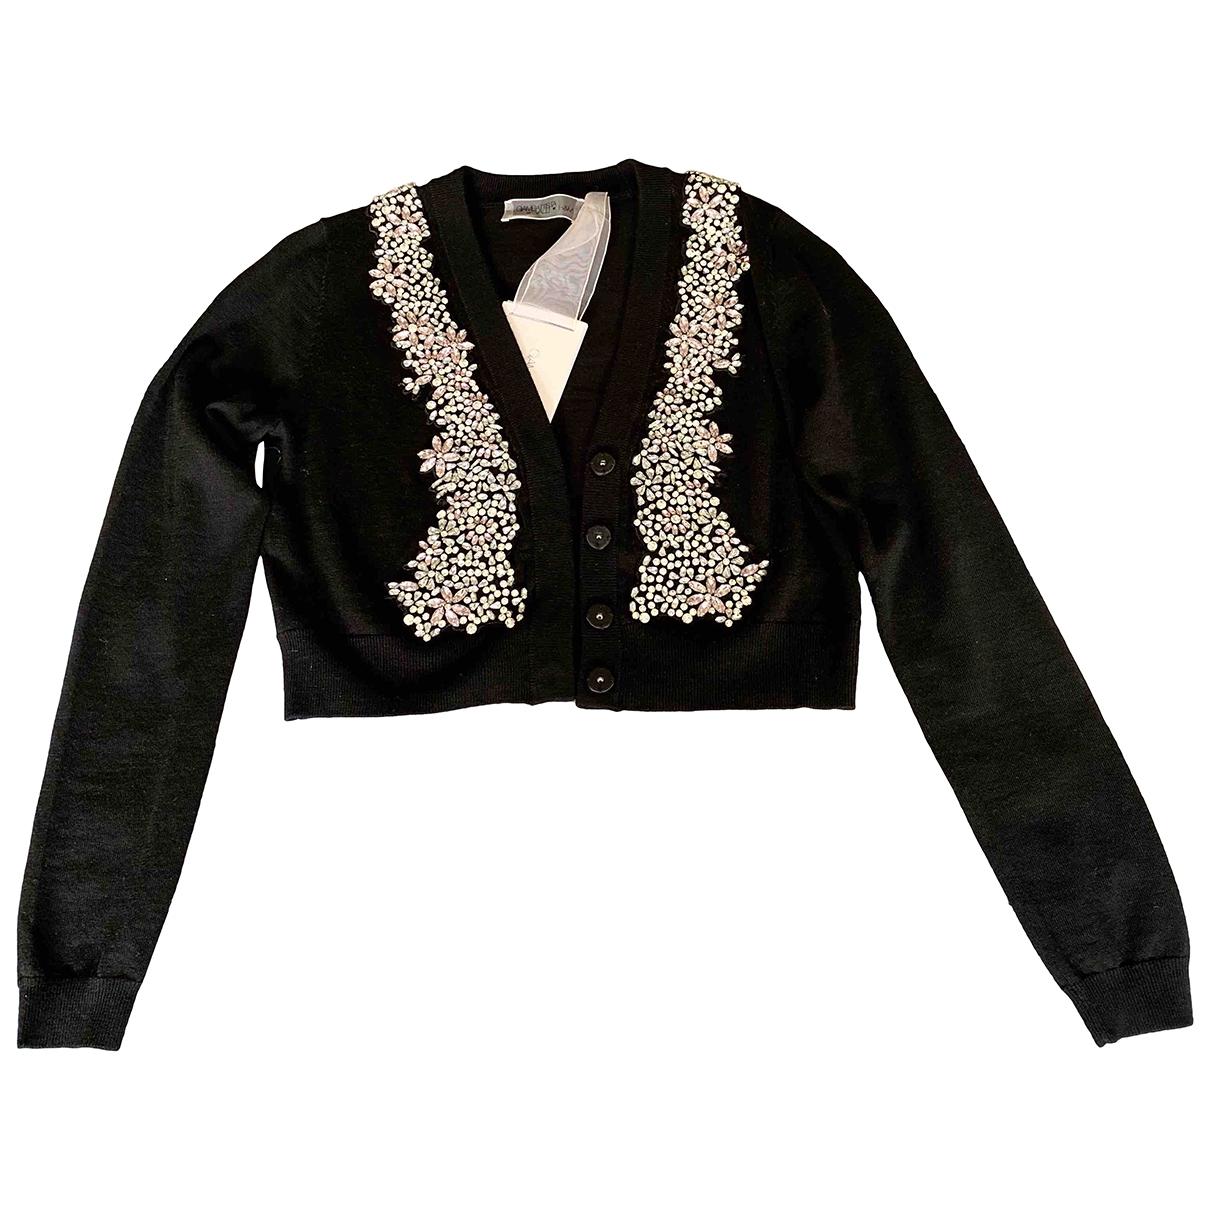 Giambattista Valli X H&m - Pull   pour femme en laine - noir